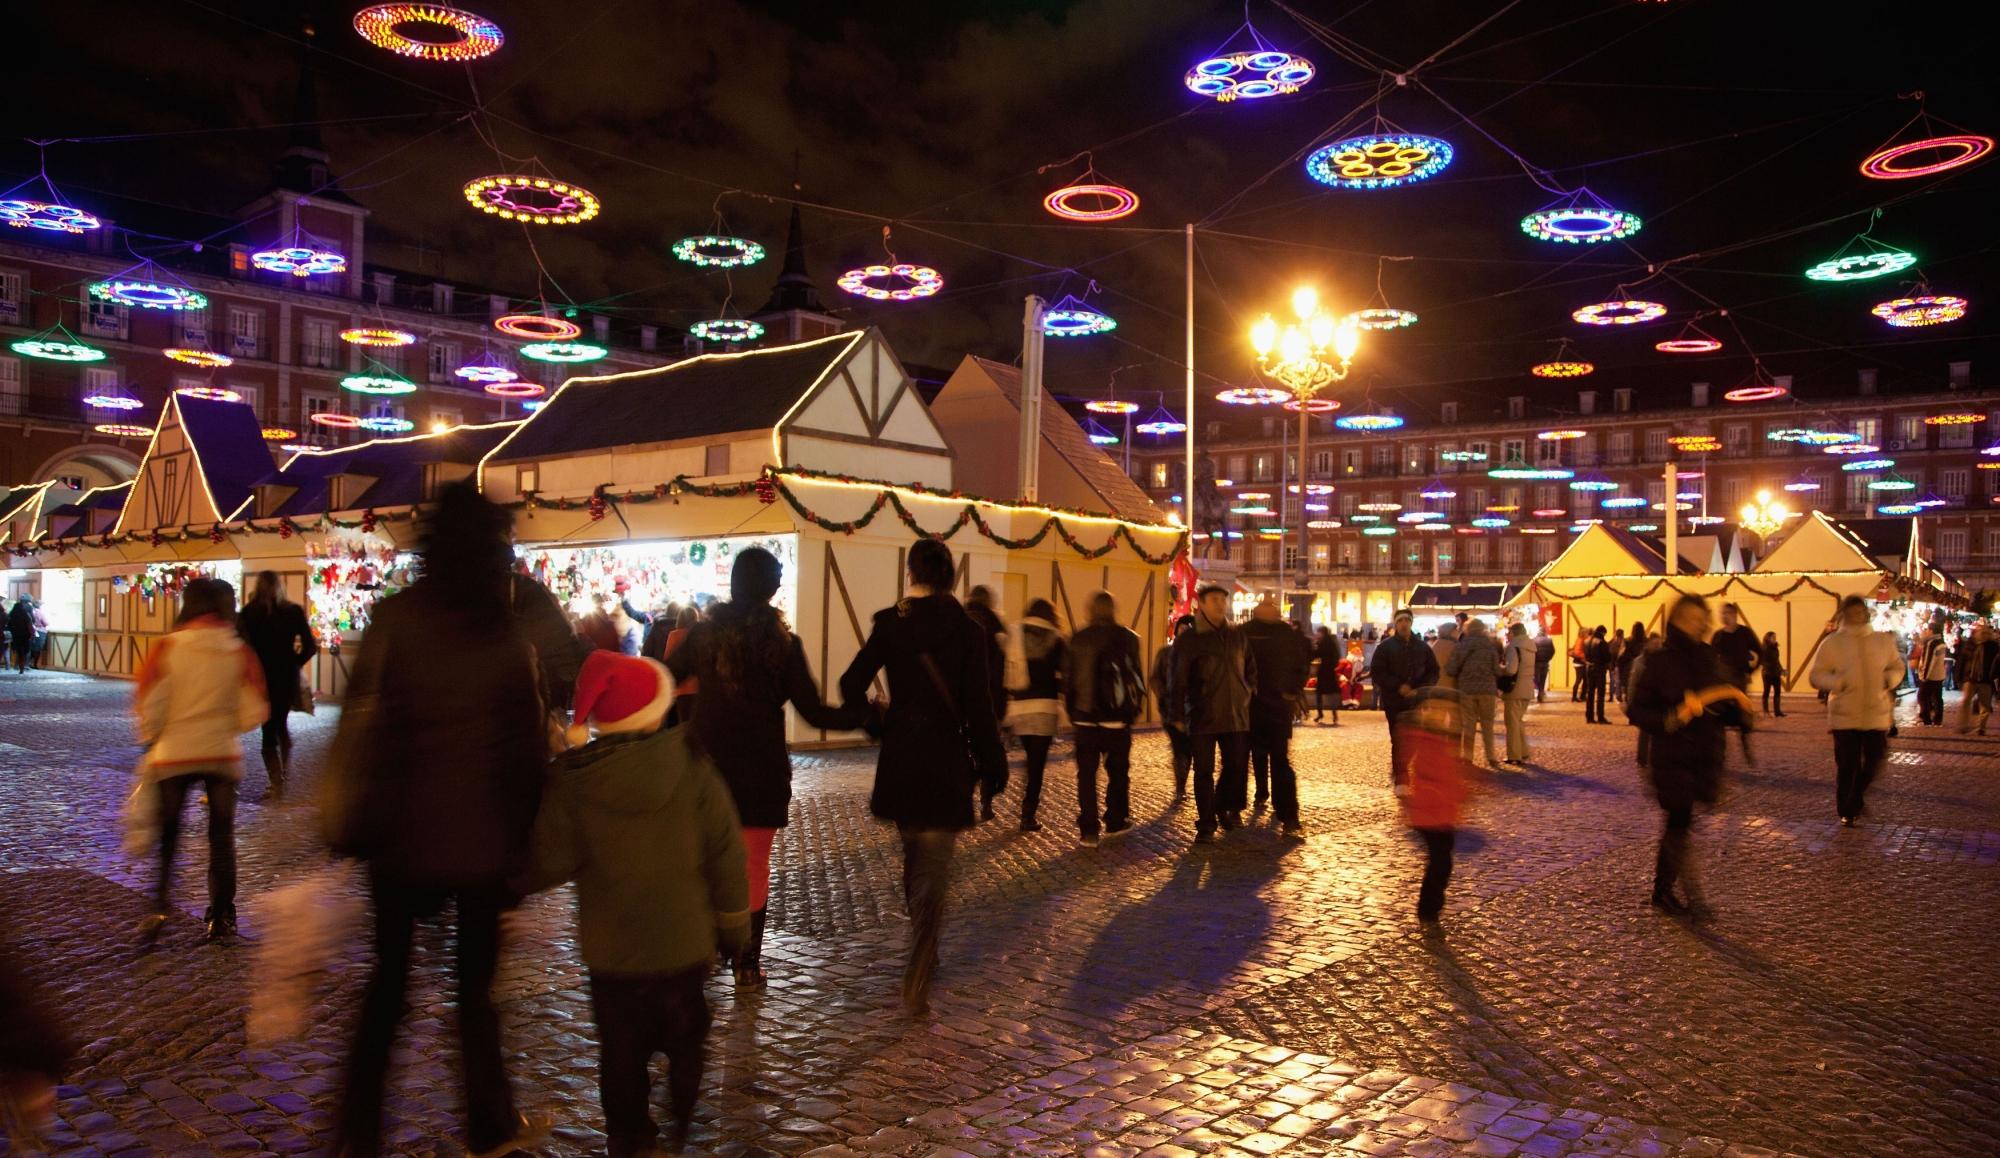 Horario mercadillo navide o de la plaza mayor madrid 2015 - Mercado de navidad en madrid ...